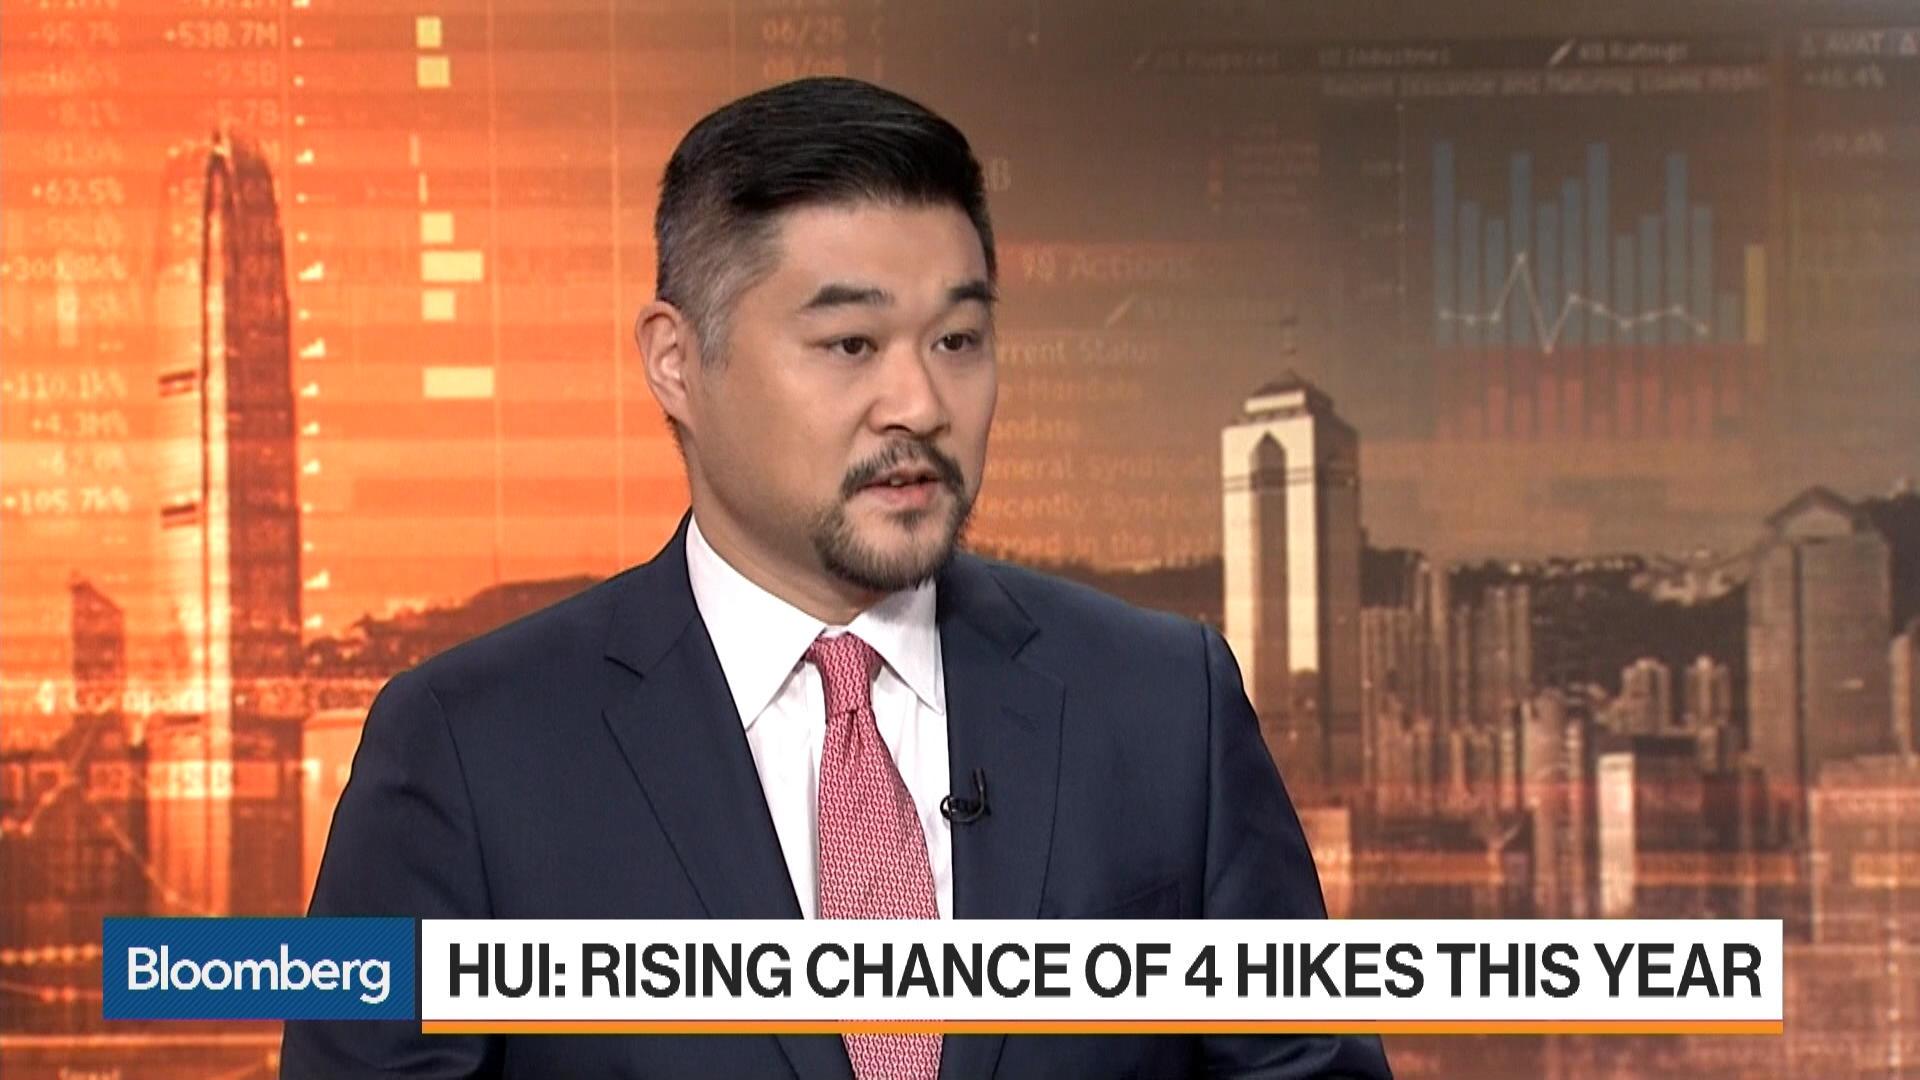 Rising Chance Of 4 Hikes This Year Says Jpmorgan